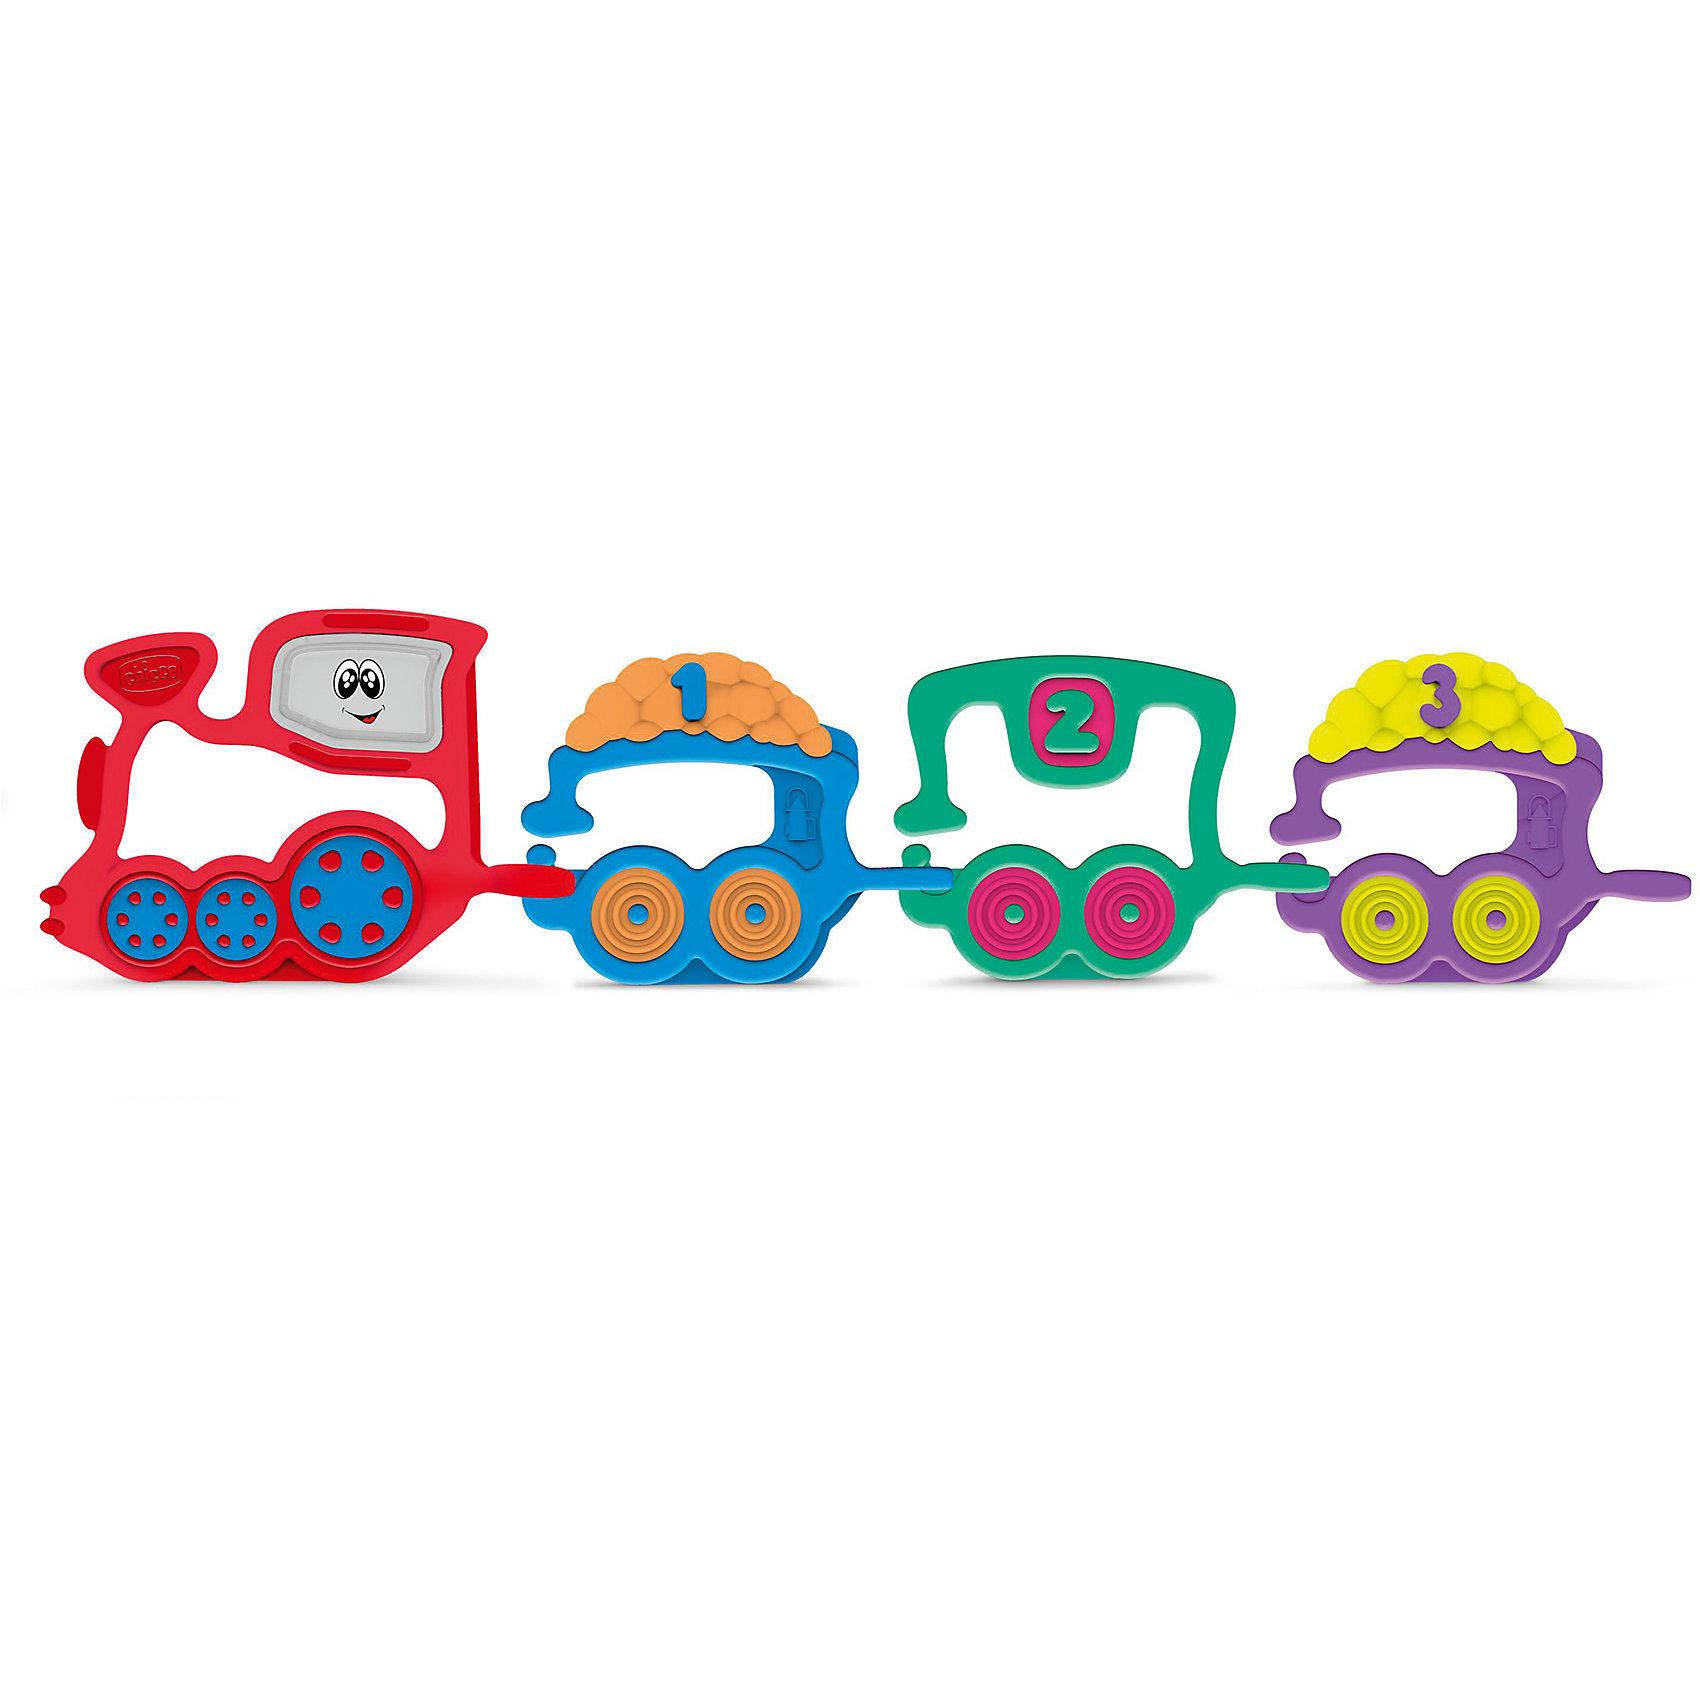 Погремушка Поезд, CHICCOПогремушка Поезд, CHICCO (ЧИКО) – это яркая развивающая игрушка для вашего малыша.<br>Разноцветная погремушка Поезд, от Chicco (Чико) идеально подходит для развития малышей. Она состоит из локомотива и трех вагончиков. Вагоны пронумерованы. Соединяя локомотив и 3 вагона, ребенок создаст забавный поезд и научится считать до 3. Погремушку удобно хватать и держать. Игрушка легкая по весу, с ней будет легко играть даже самым маленьким. Развивает координацию движения рук и мелкую моторику. Изготовлена из мягкого пластика.<br><br>Дополнительная информация:<br><br>- Материал: пластик<br>- Размер упаковки: 200х240х25 мм.<br>- Вес: 183 гр.<br><br>Погремушку Поезд, CHICCO (ЧИКО) можно купить в нашем интернет-магазине.<br><br>Ширина мм: 200<br>Глубина мм: 240<br>Высота мм: 25<br>Вес г: 183<br>Возраст от месяцев: 3<br>Возраст до месяцев: 24<br>Пол: Унисекс<br>Возраст: Детский<br>SKU: 4577228